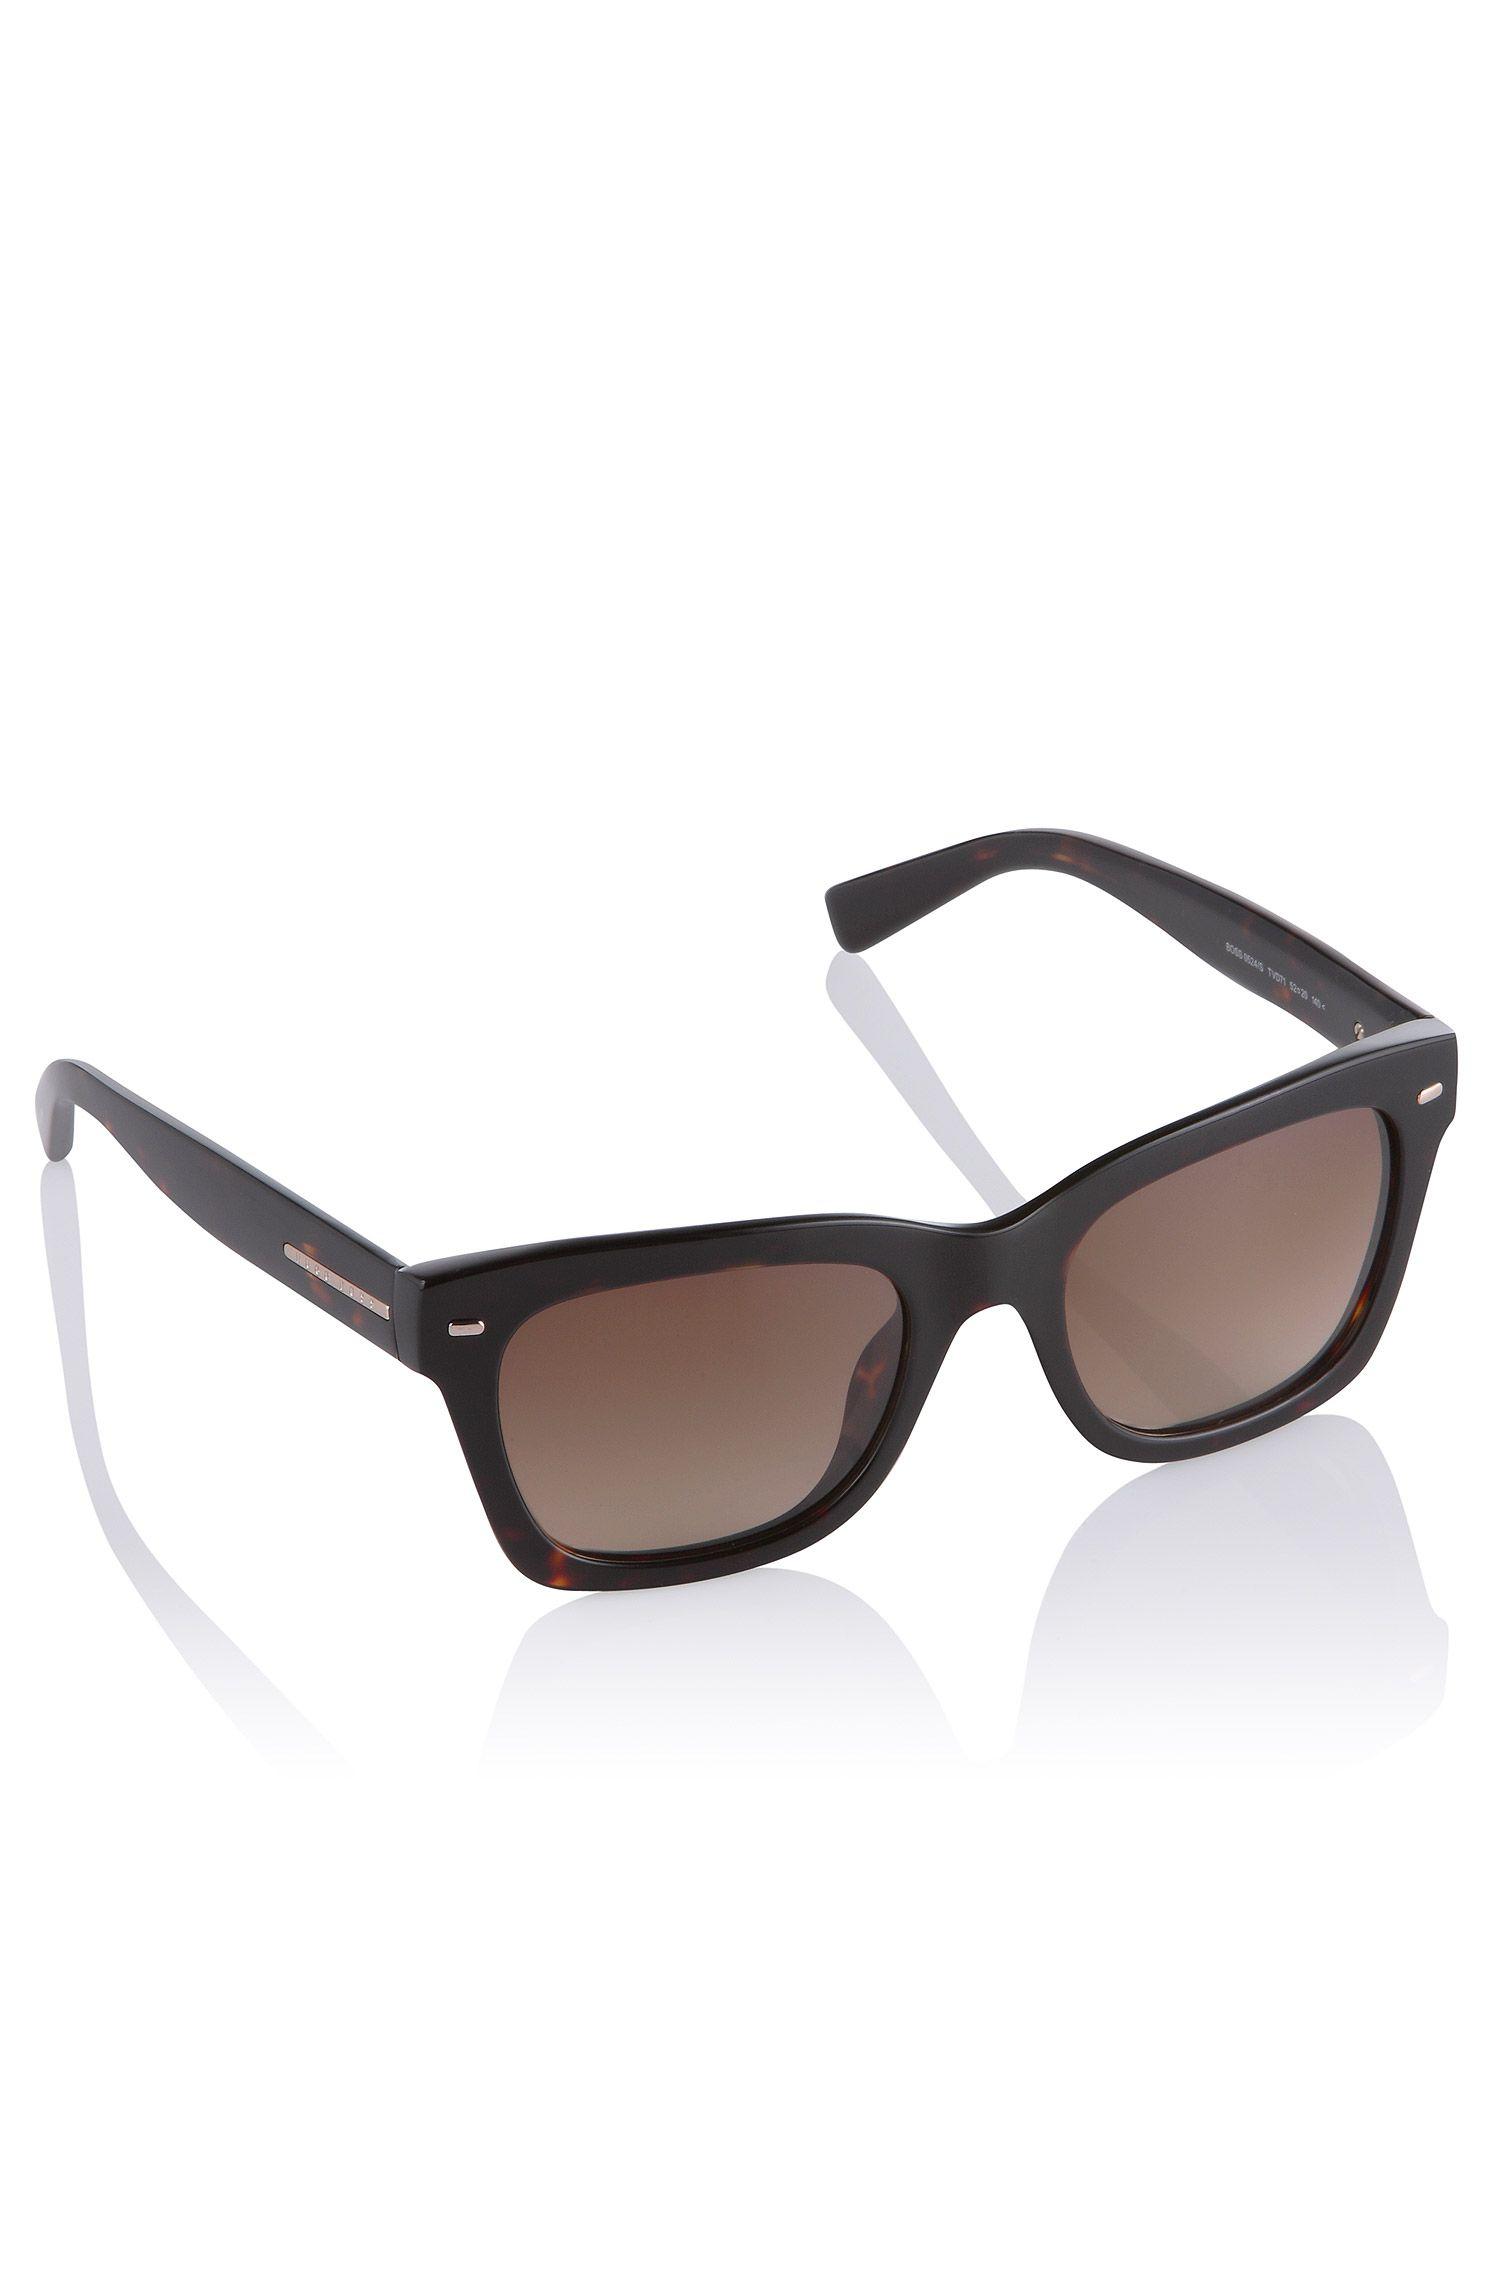 Wayfarer-zonnebril ´0524/S` met dessin